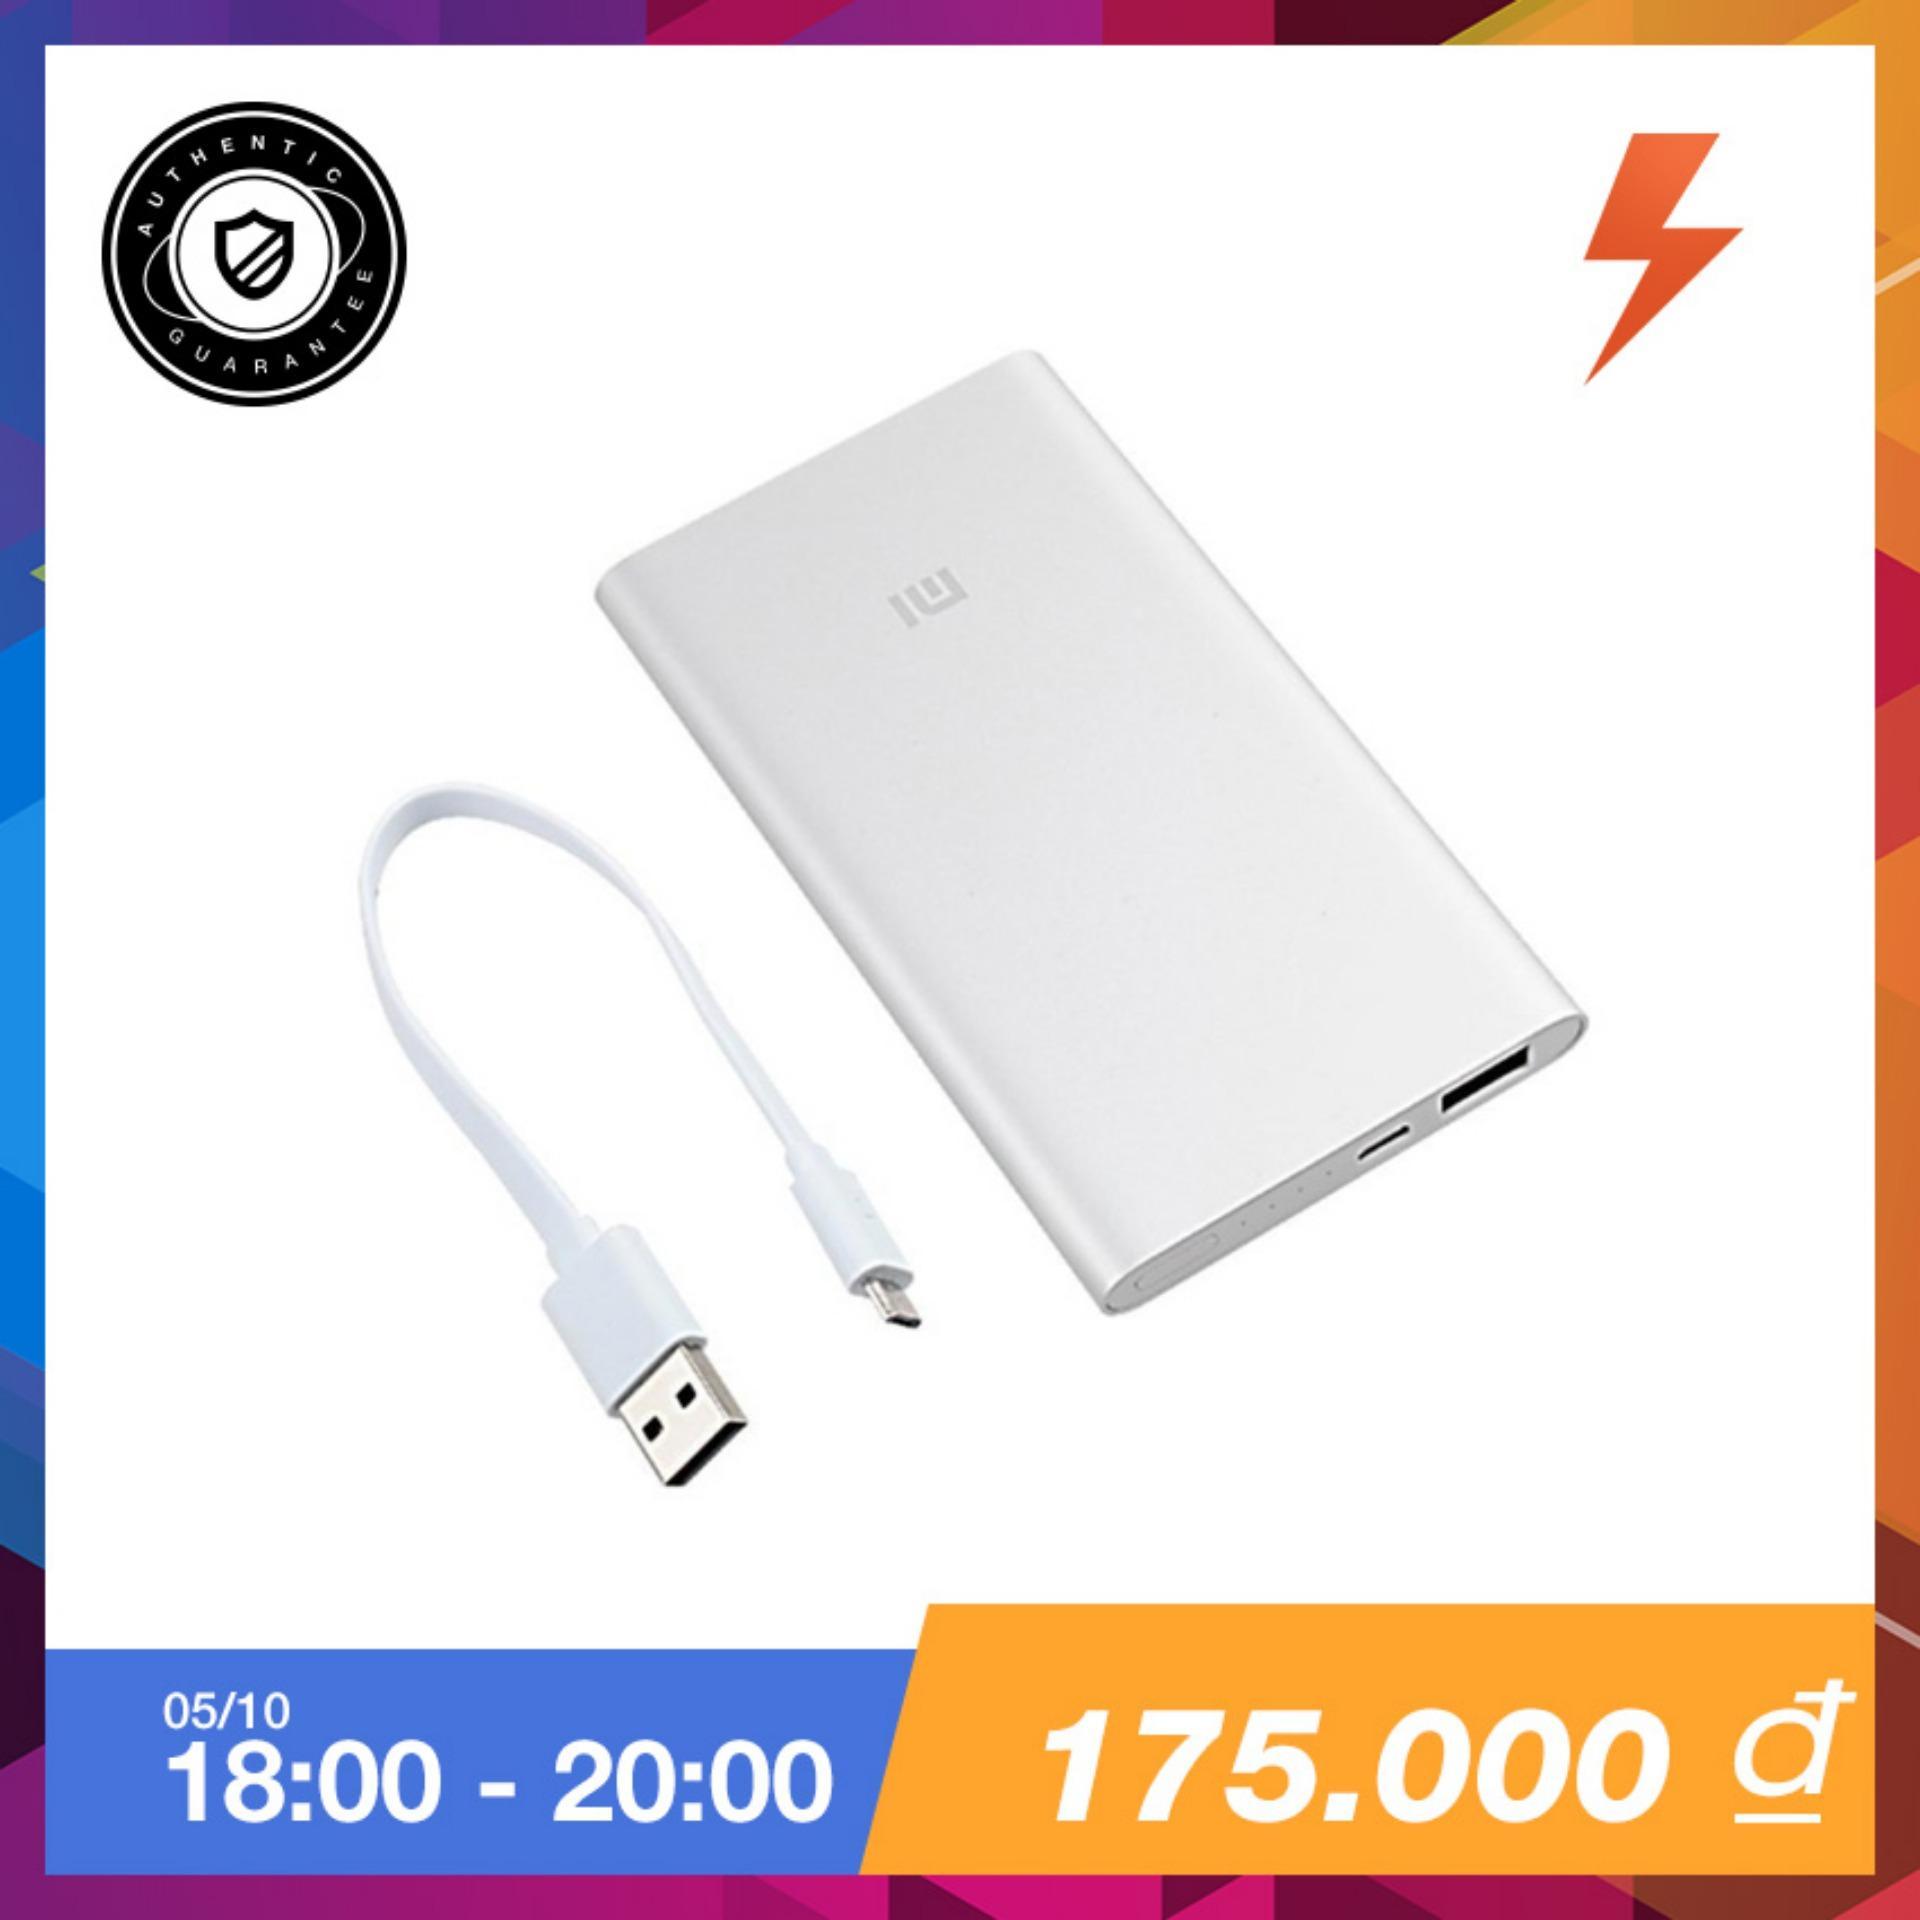 Giá Bán Pin Sạc Dự Phong Xiaomi Mi Powerbank 5000 Bạc Hang Phan Phối Chinh Thức Rẻ